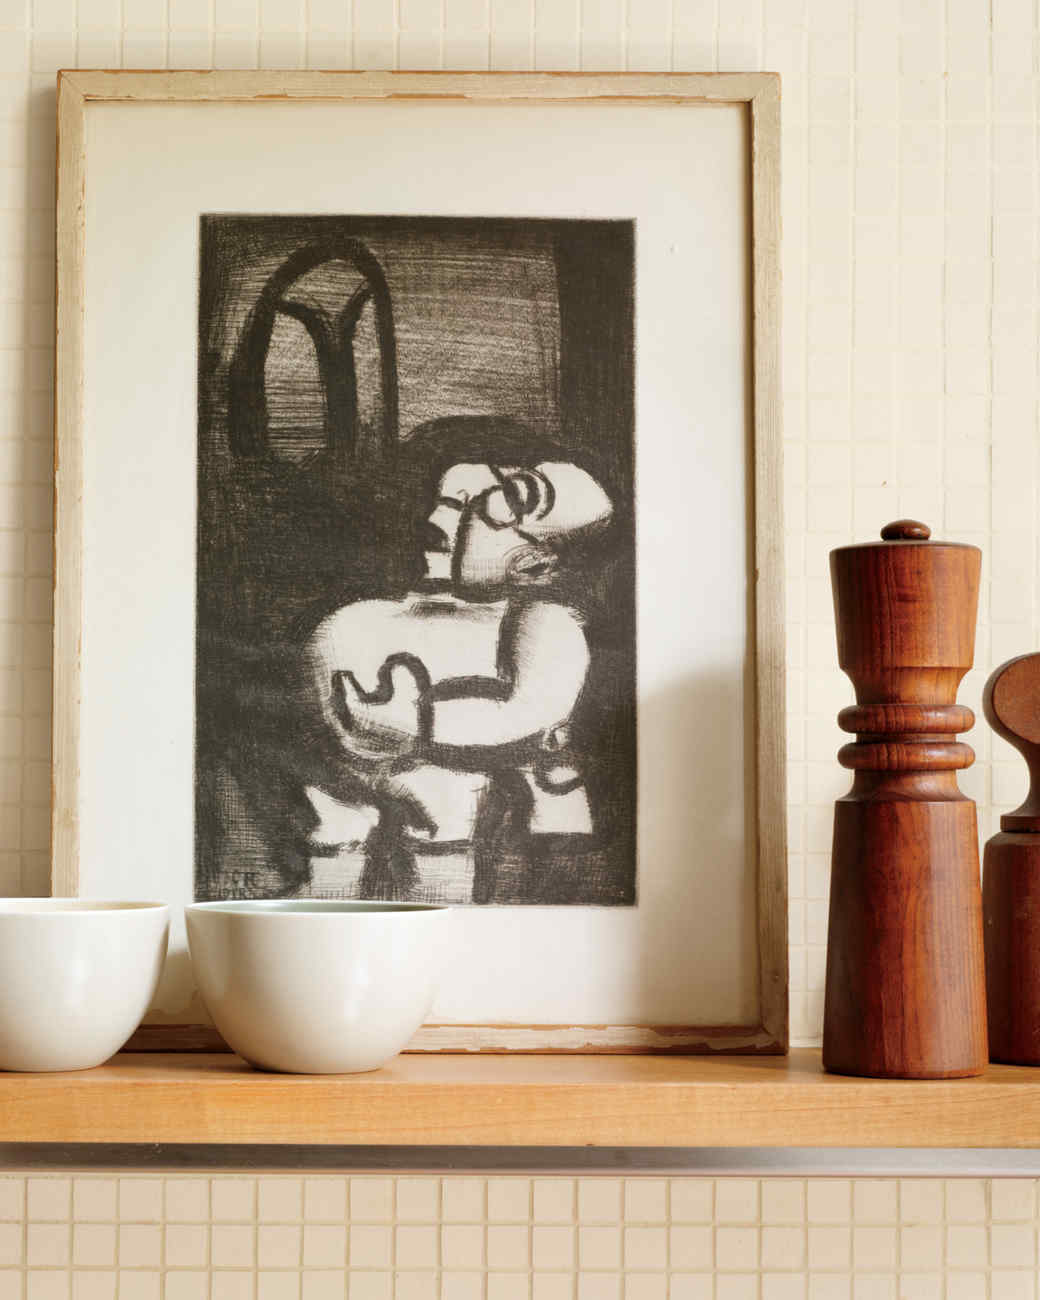 cary-tamarkin-kitchen-art-mld107949.jpg